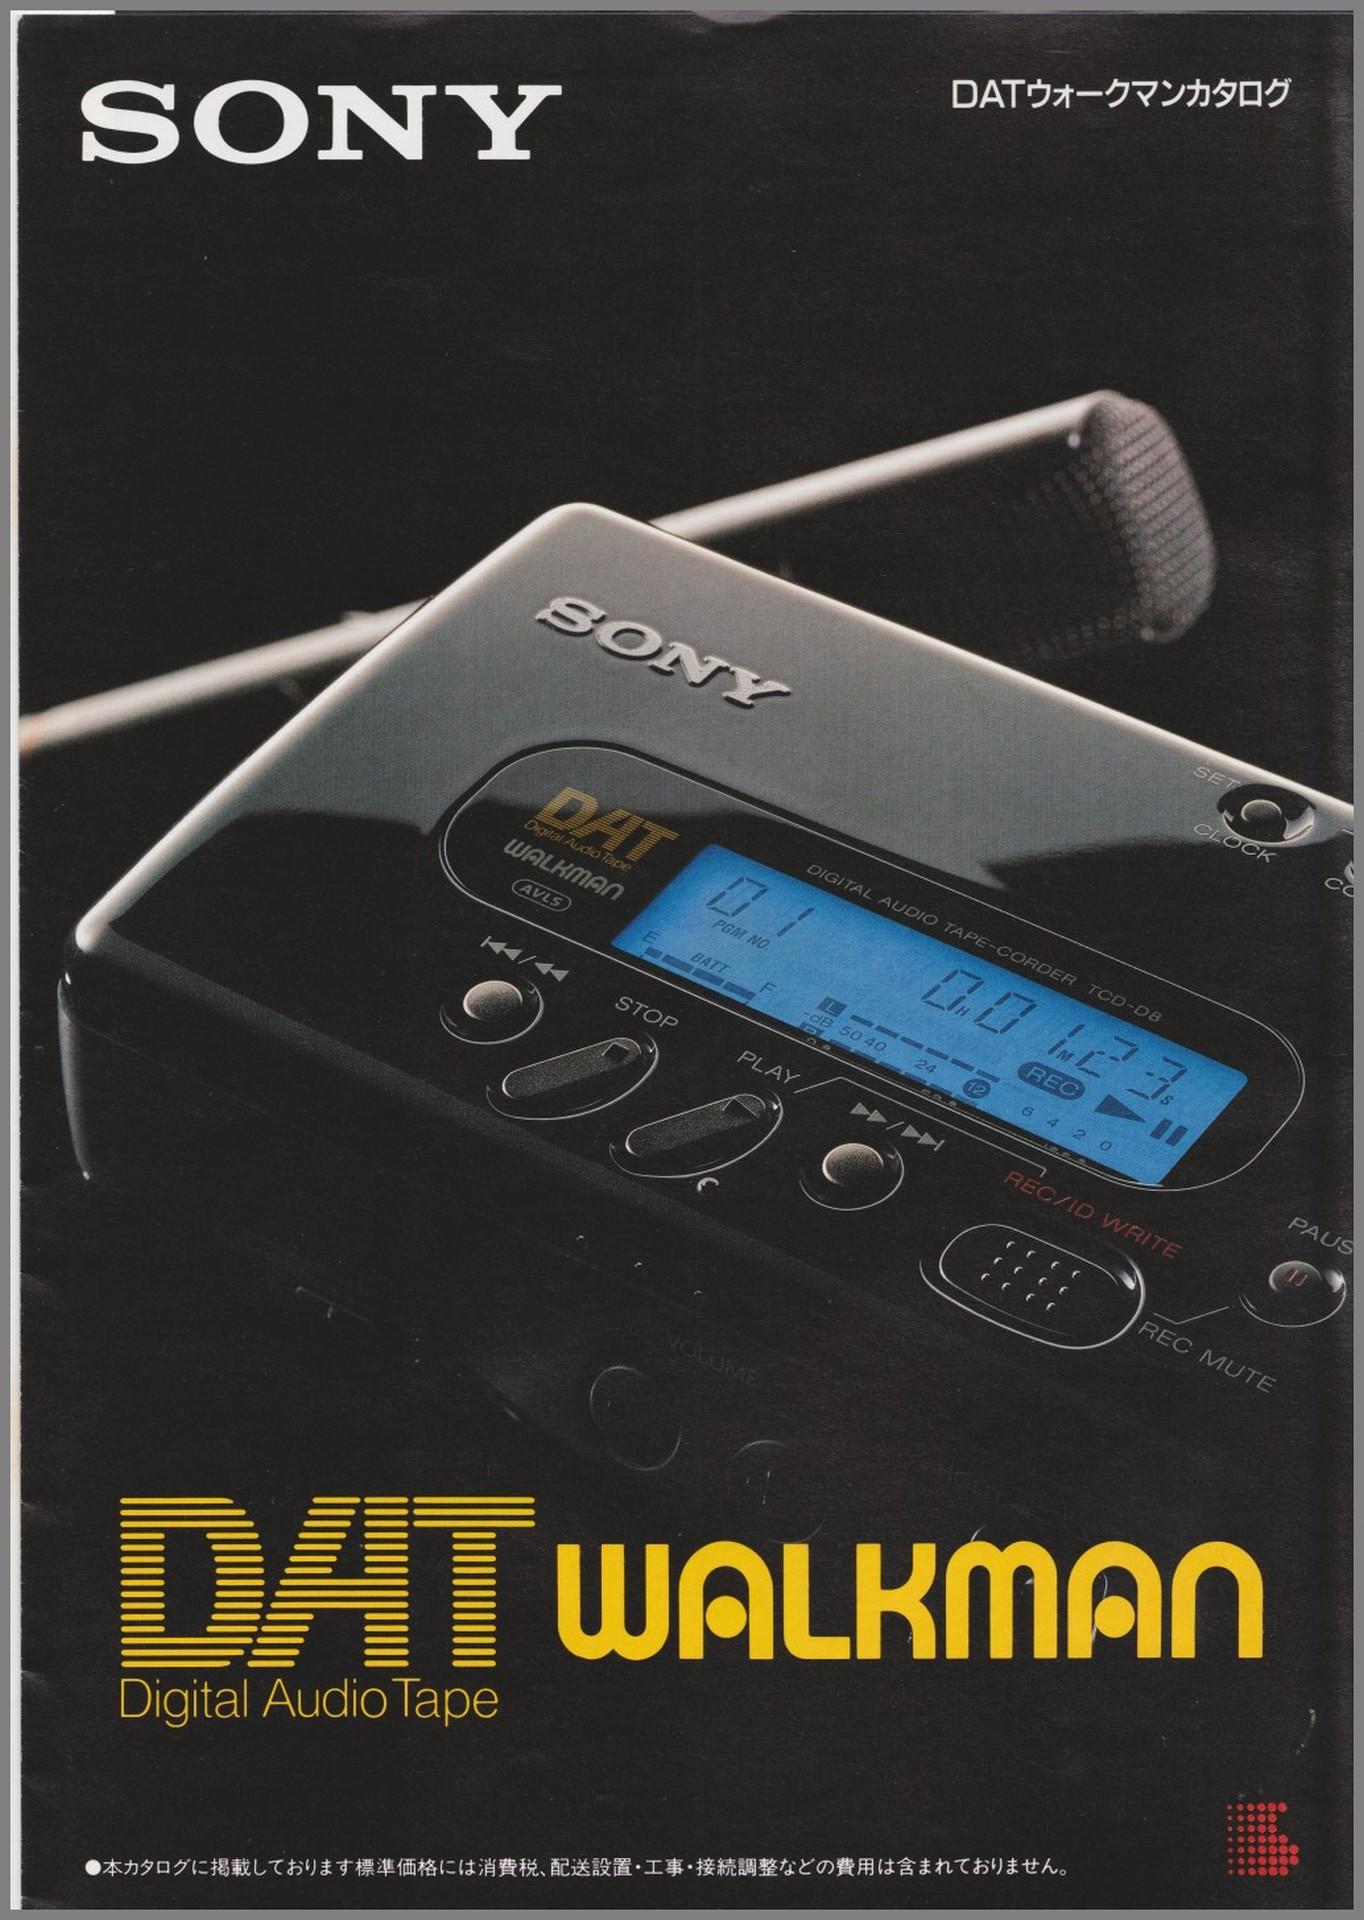 DATウォークマン 1996年2月 - ソニー坊やと呼ばれた男 -